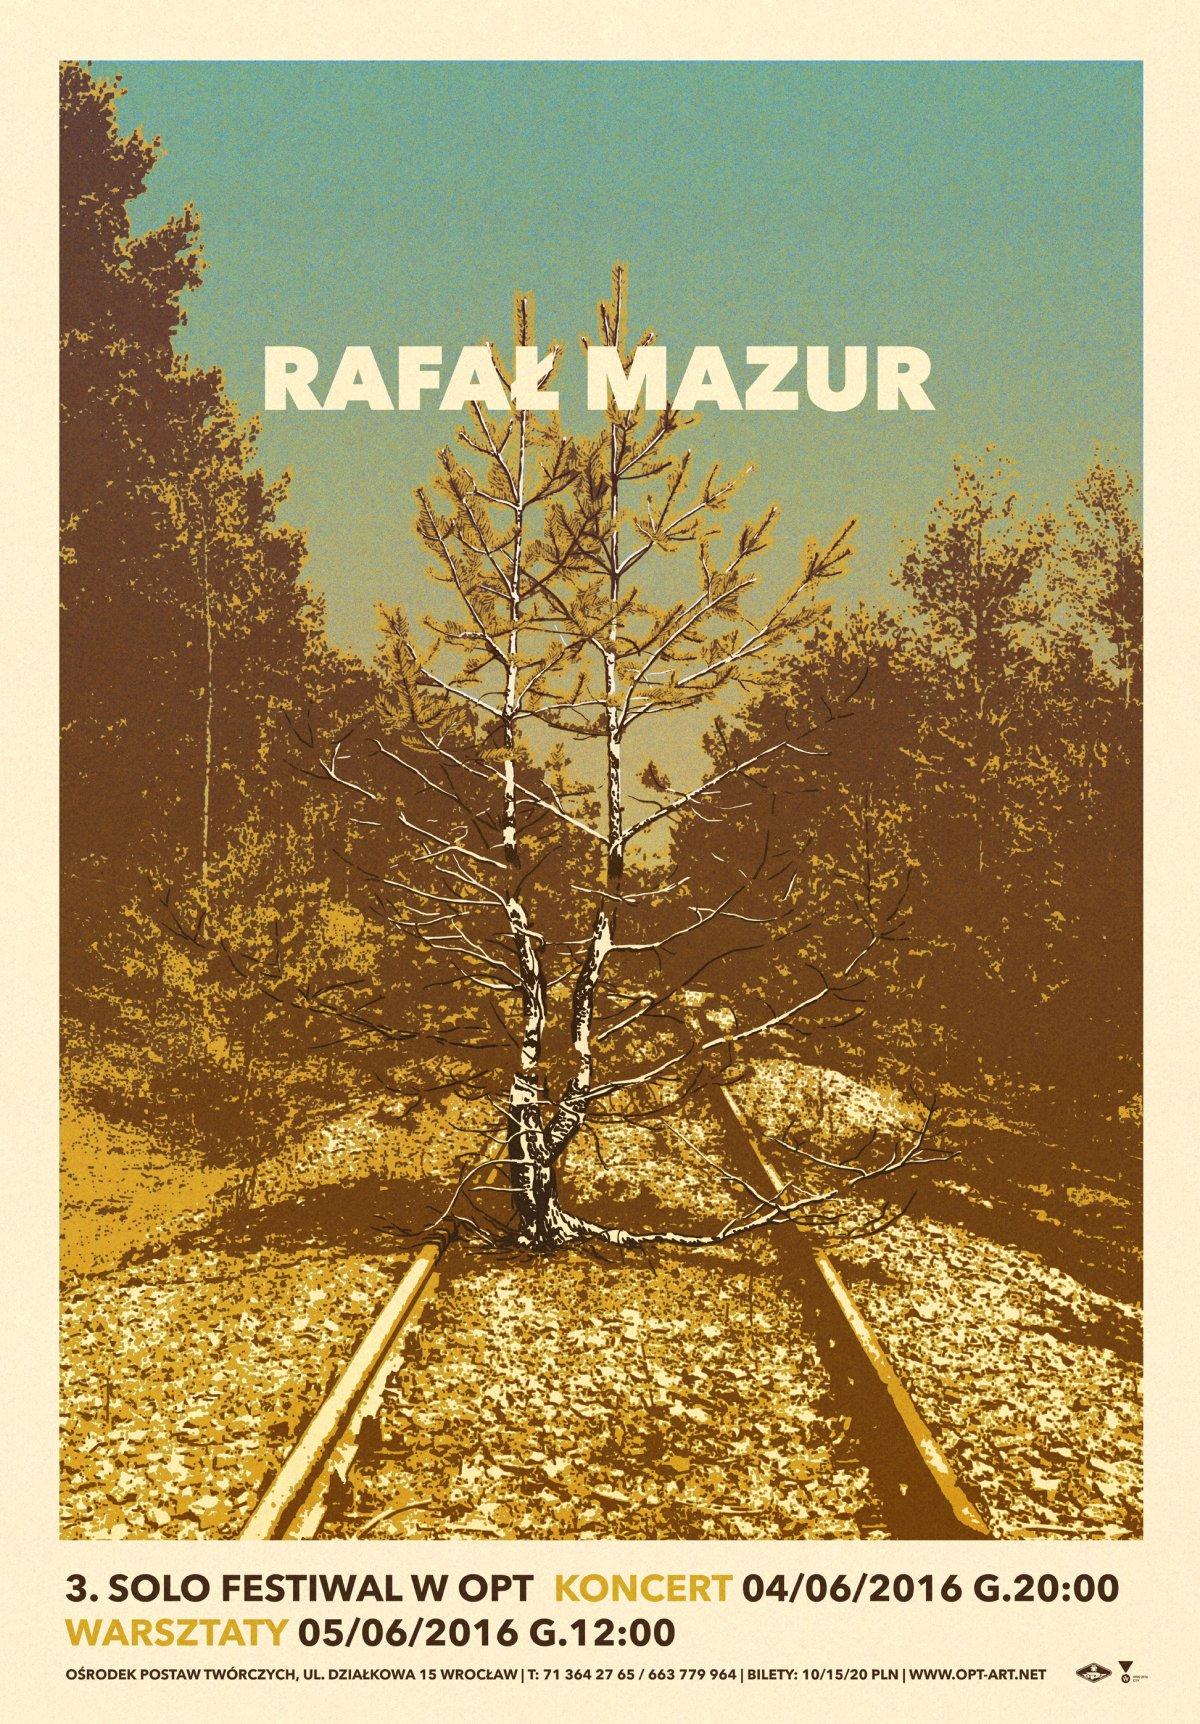 Rafał Mazur w ramach 3. Solo Festiwal w OPT – plakat (źródło: materiały prasowe organizatora)